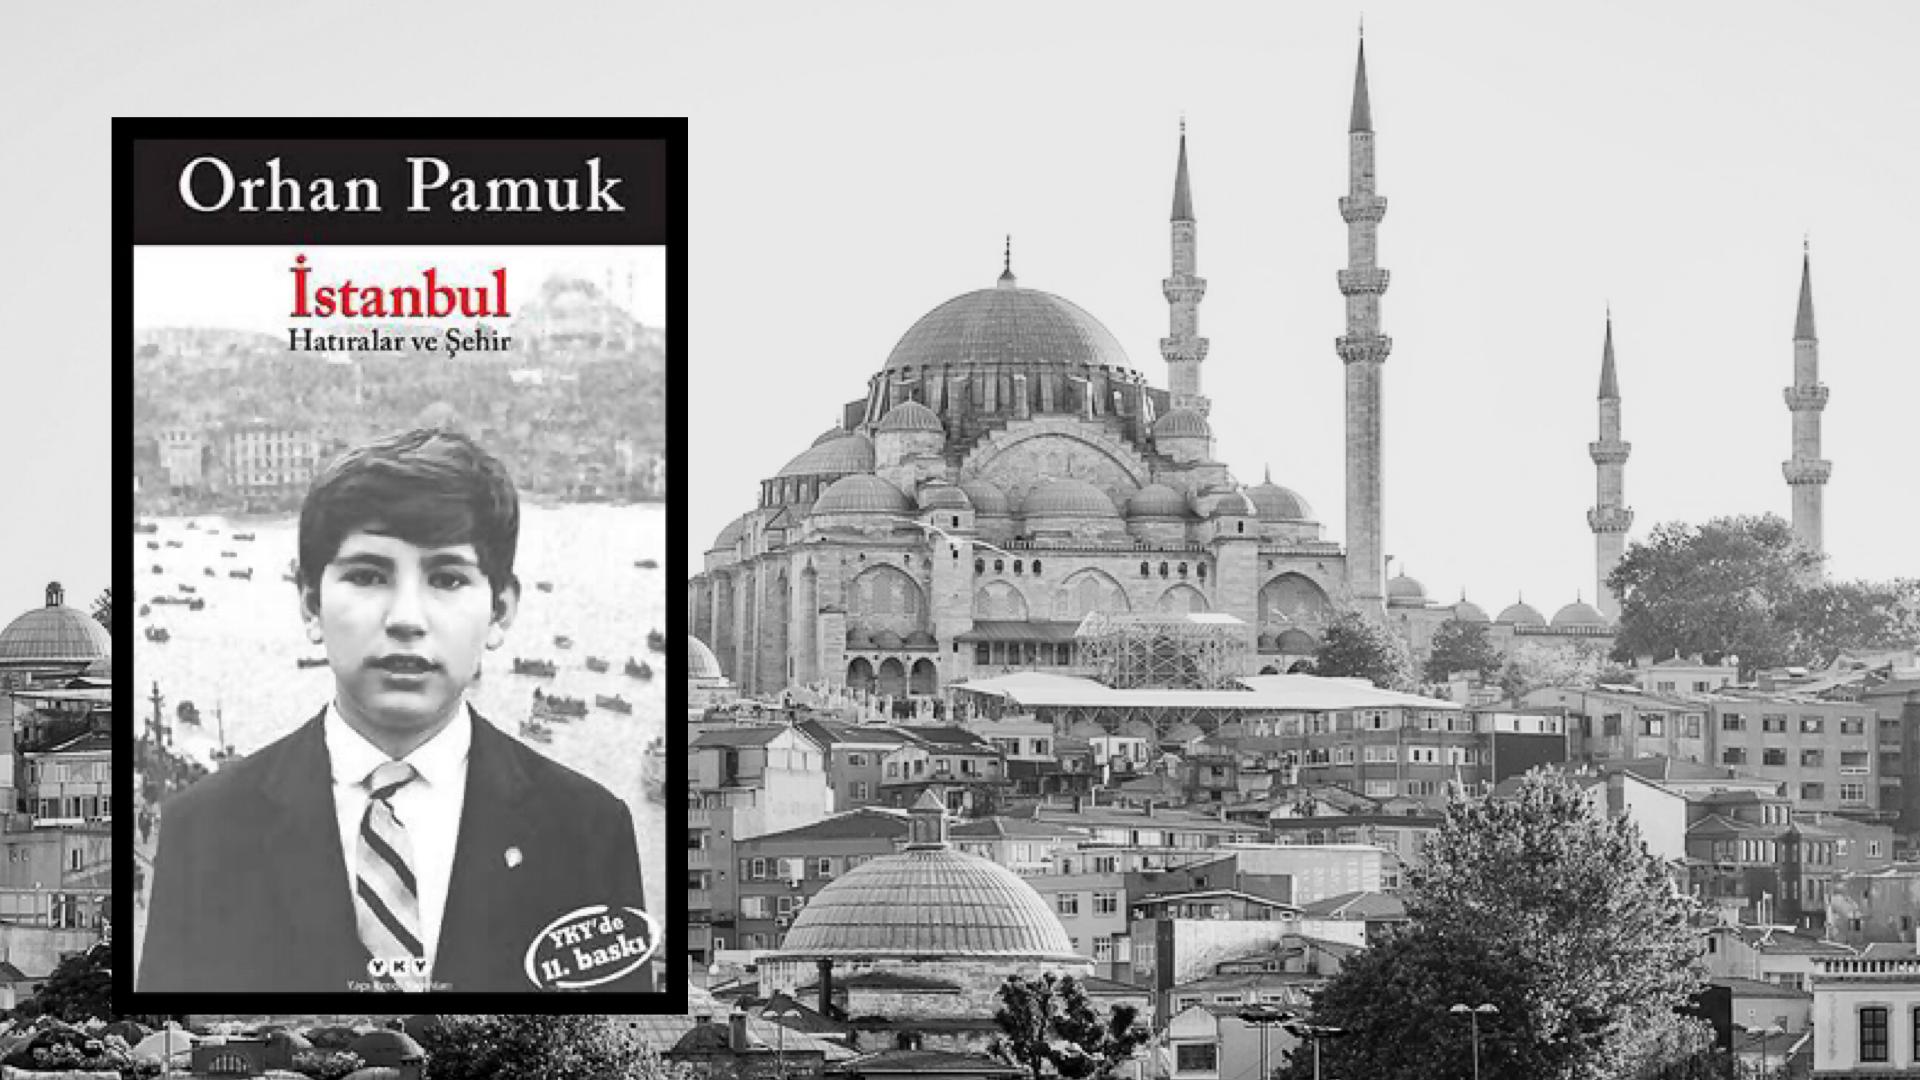 Kitap: İstanbul | Hatıralar ve Şehir | Yazar: Orhan Pamuk | Yorumlayan: Hülya Erarslan